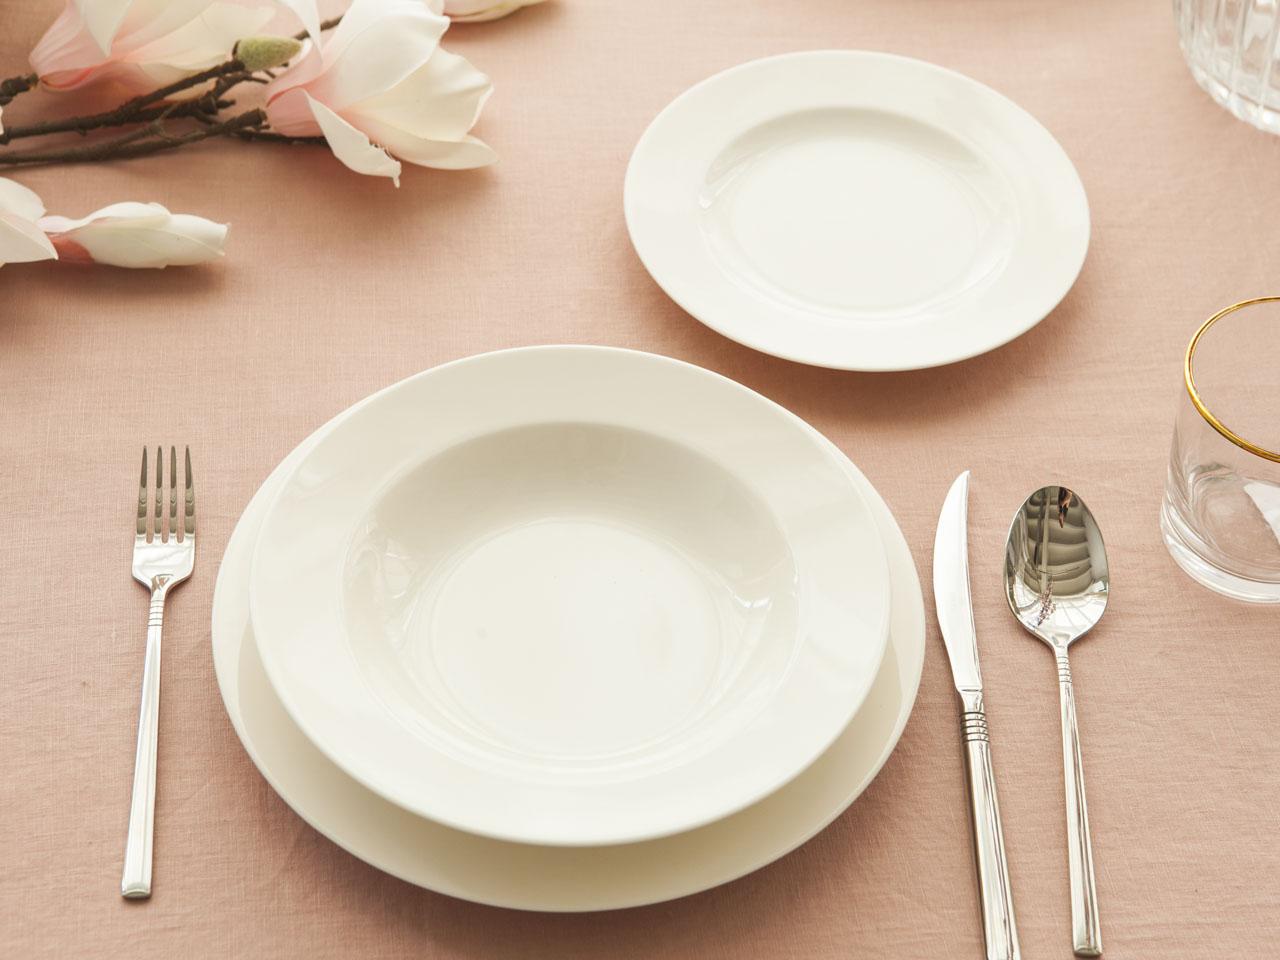 Serwis / Zestaw obiadowy na 6 osób MariaPaula Ecru Nova (18 elementów)